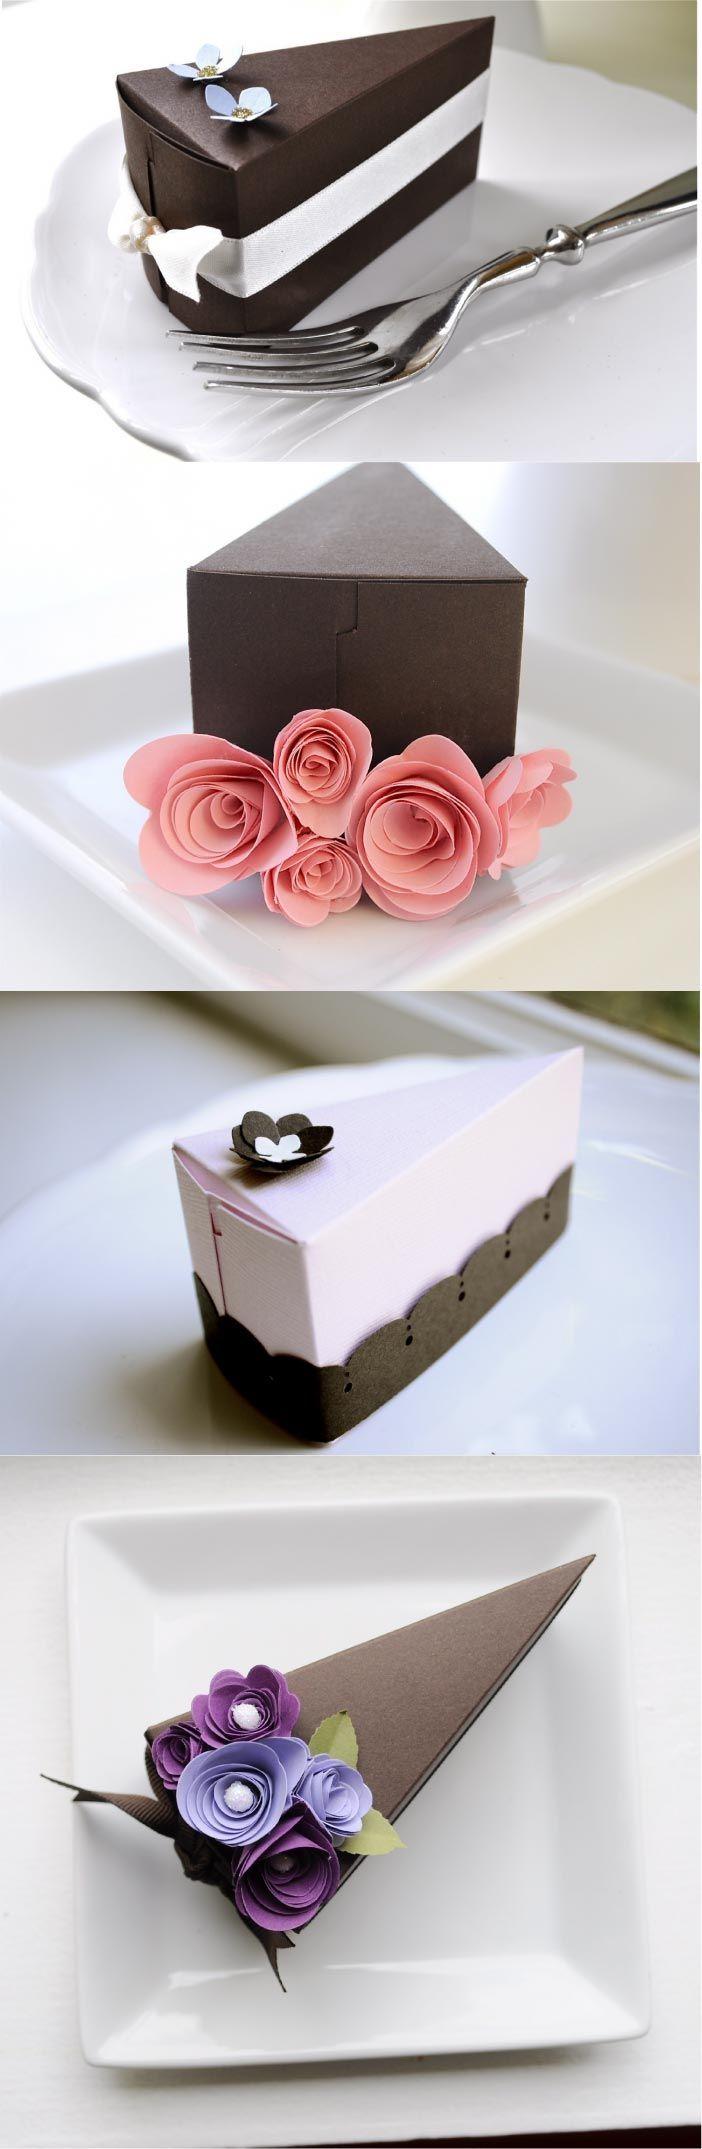 Weddingnouveaucom/2010/11/paper Cake Favor Slices By Imeon Design cakepins.com #cakechooser